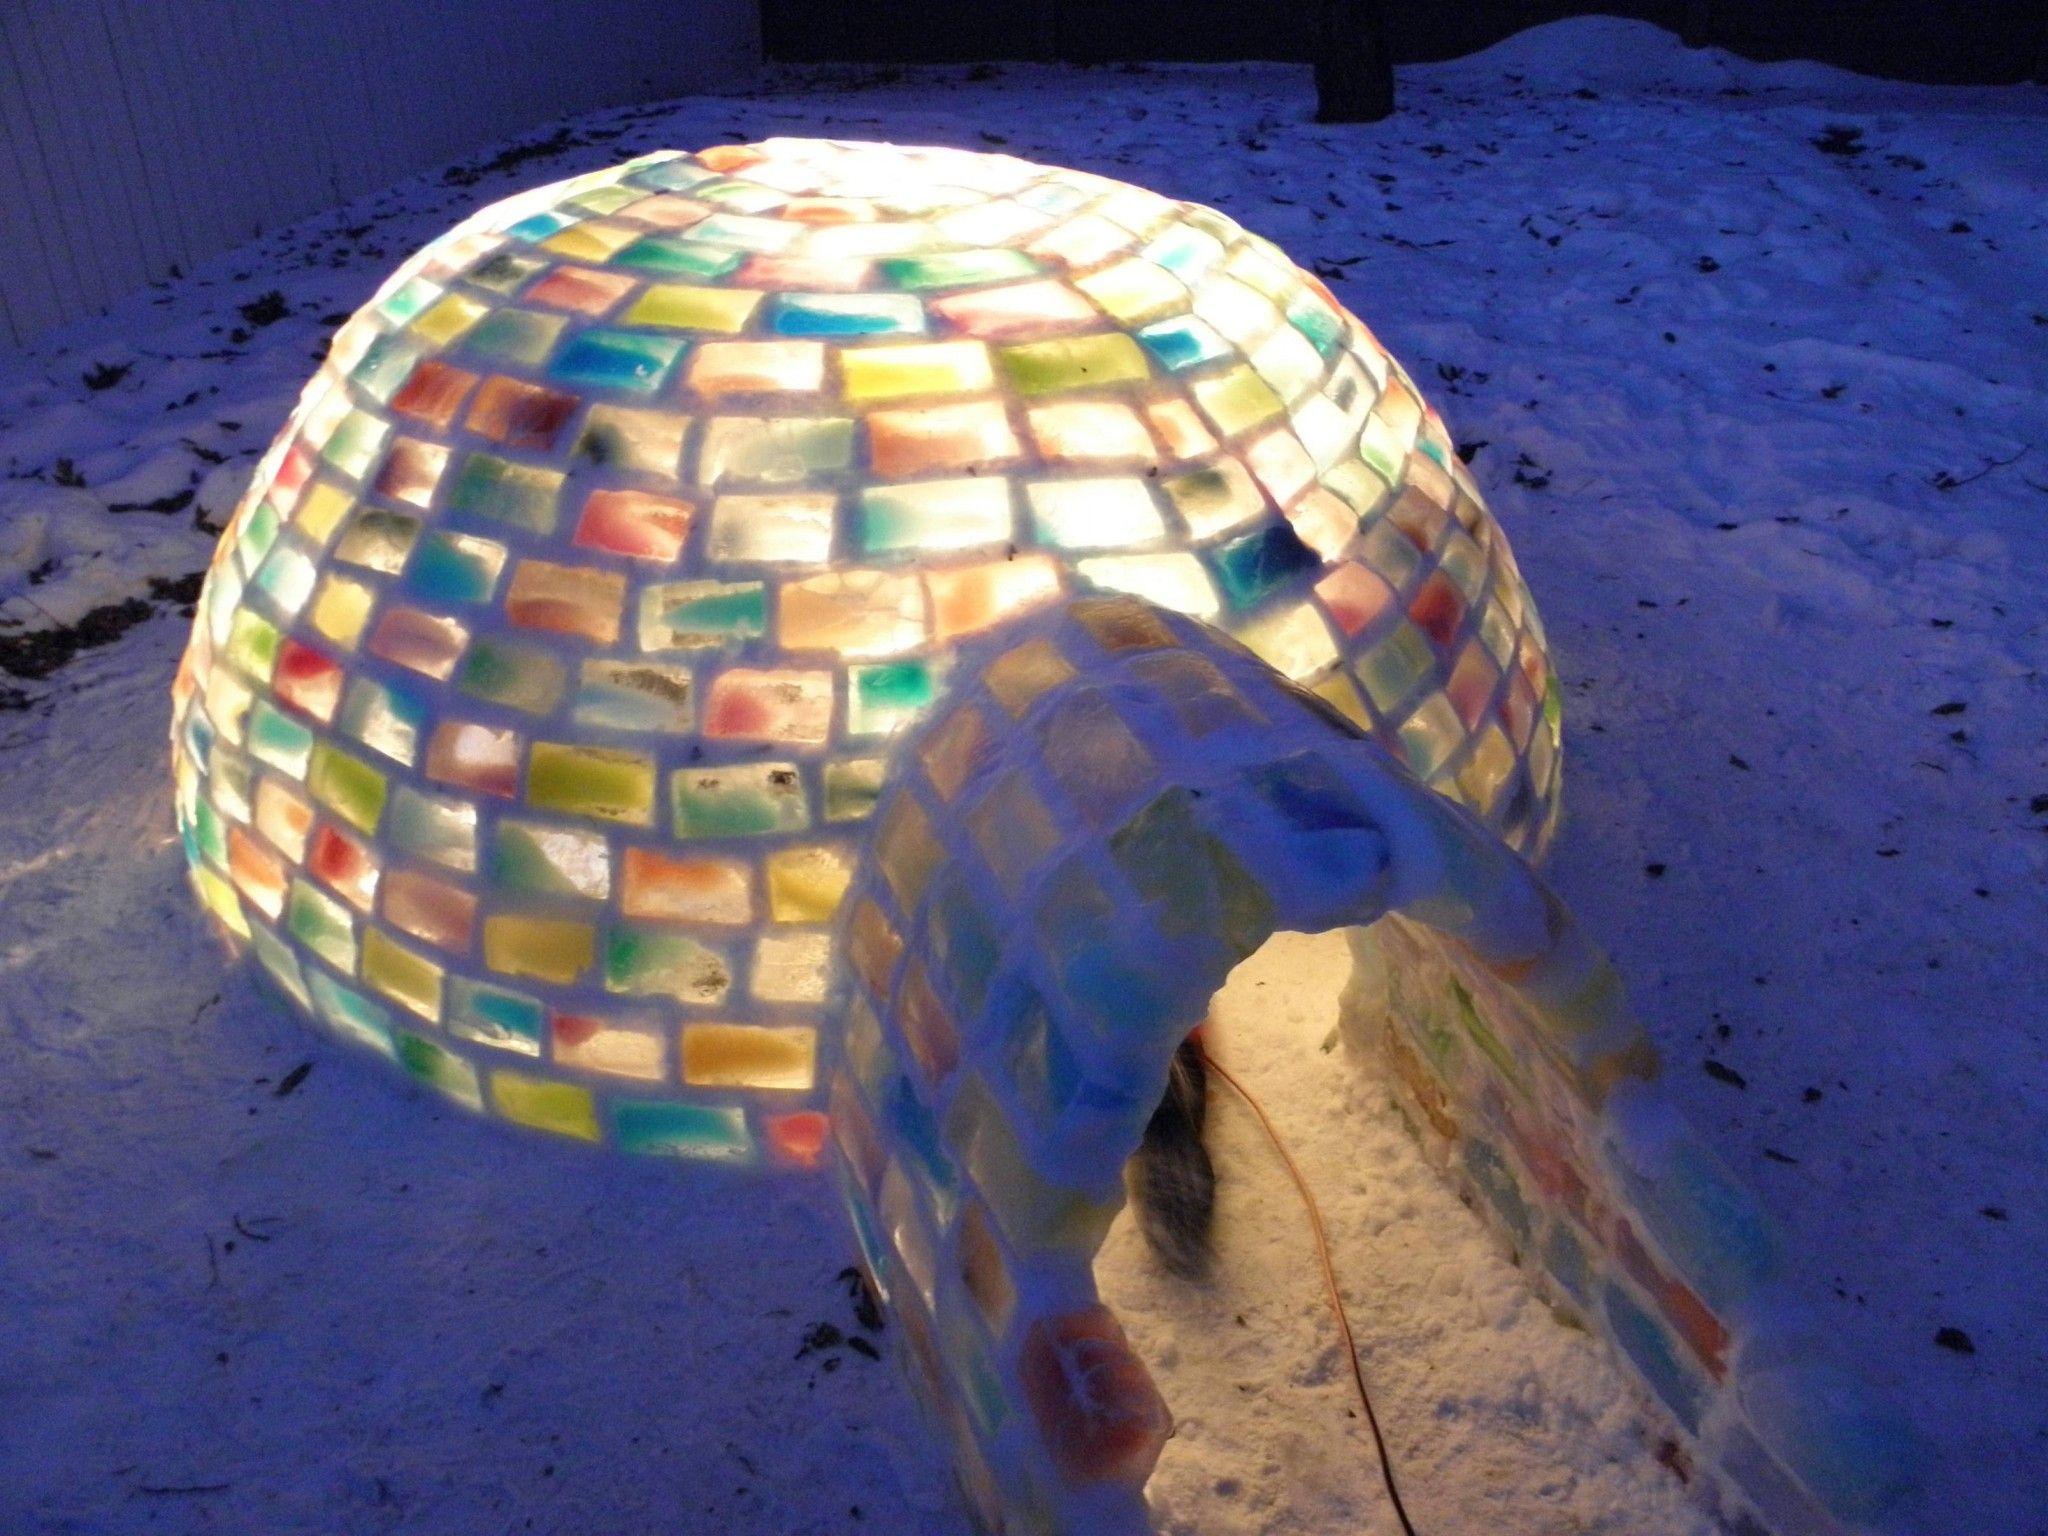 Blogissa: Rakkauden osoitukseksi rakennettu sateenkaarenvärinen iglu  #iglu #blogi #sisustusblogi #unelmeinasunnot